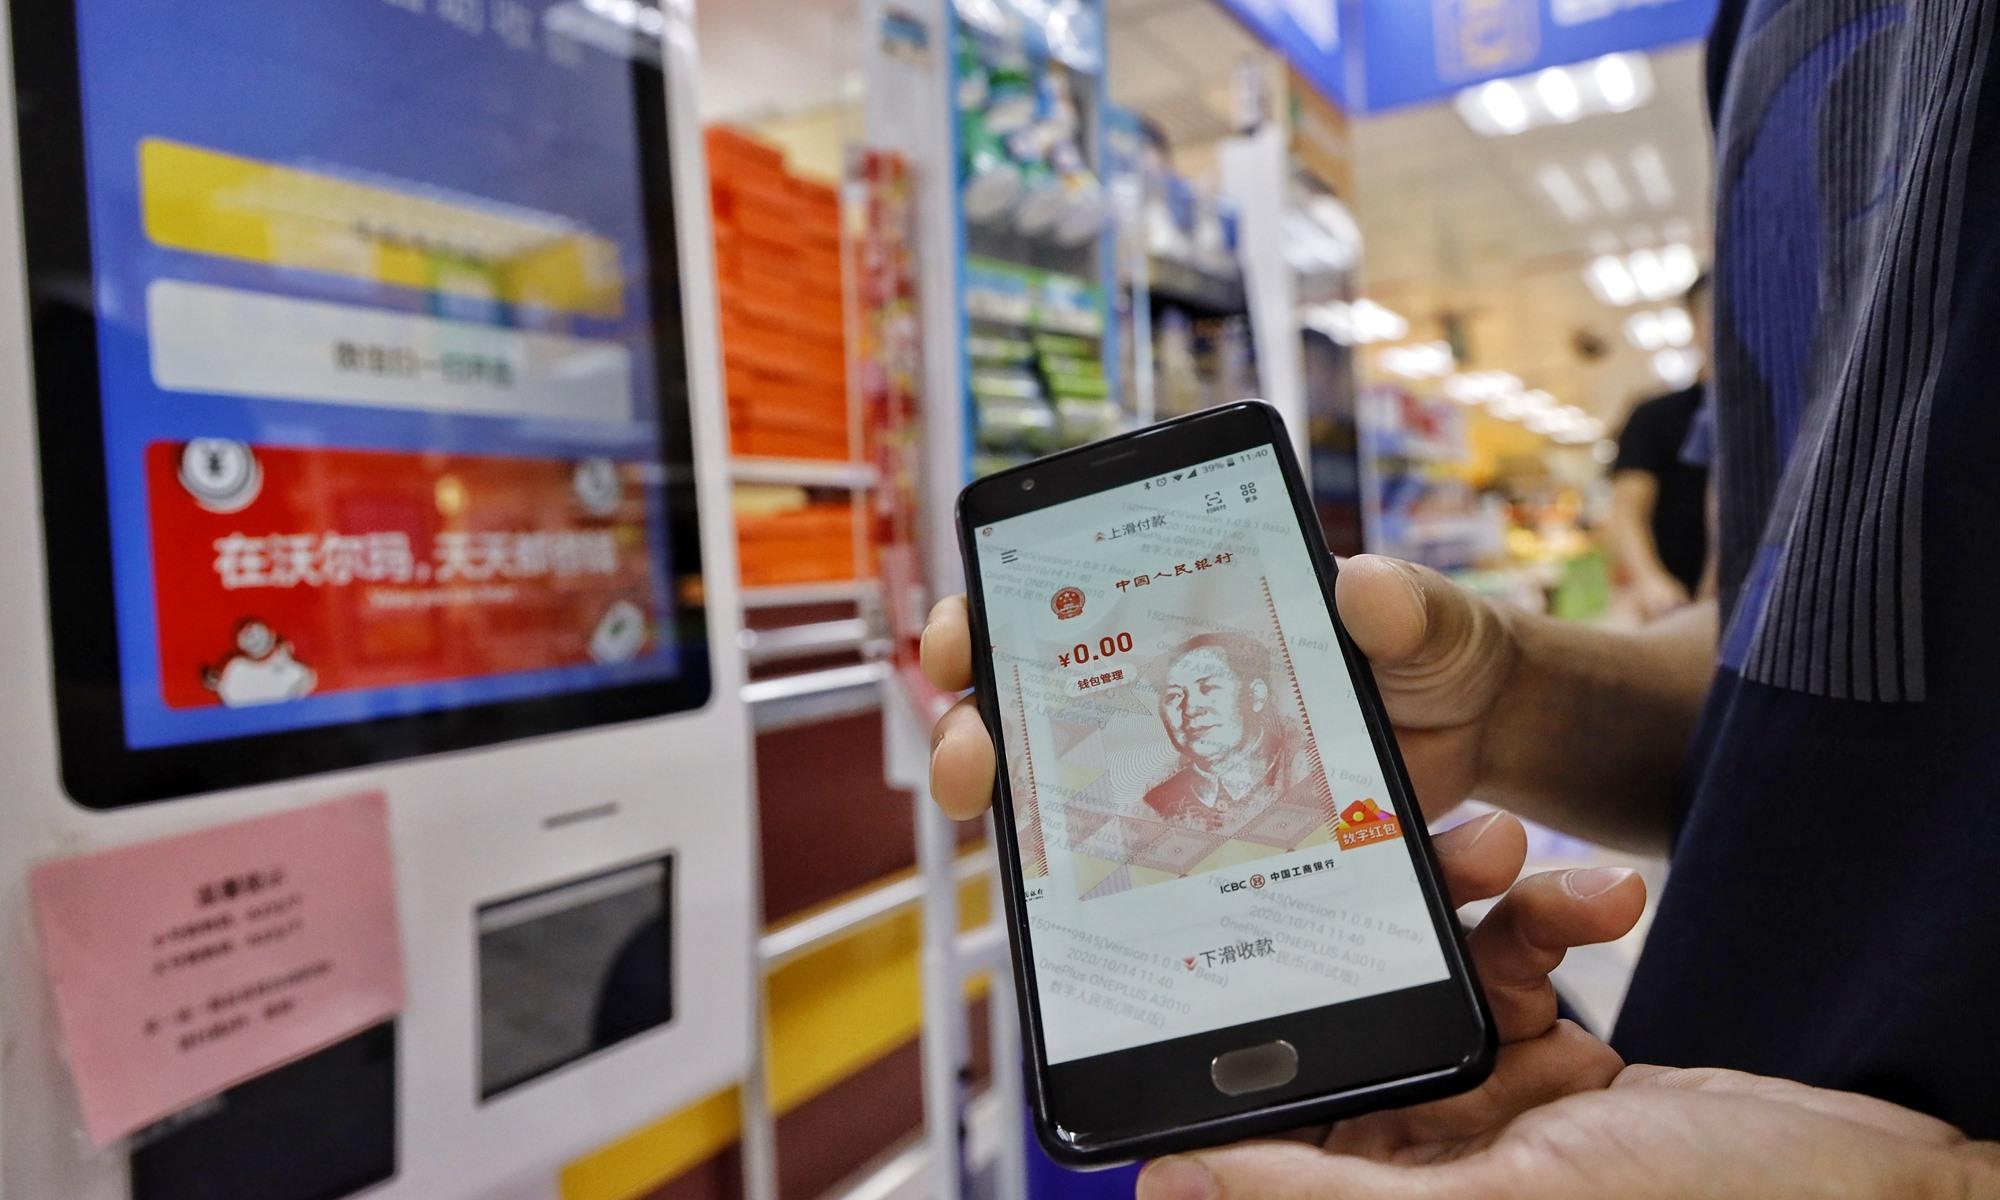 Đồng Nhân dân tệ điện tử đang được thử nghiệm ở nhiều thành phố tại Trung Quốc, Ảnh: Techuncode